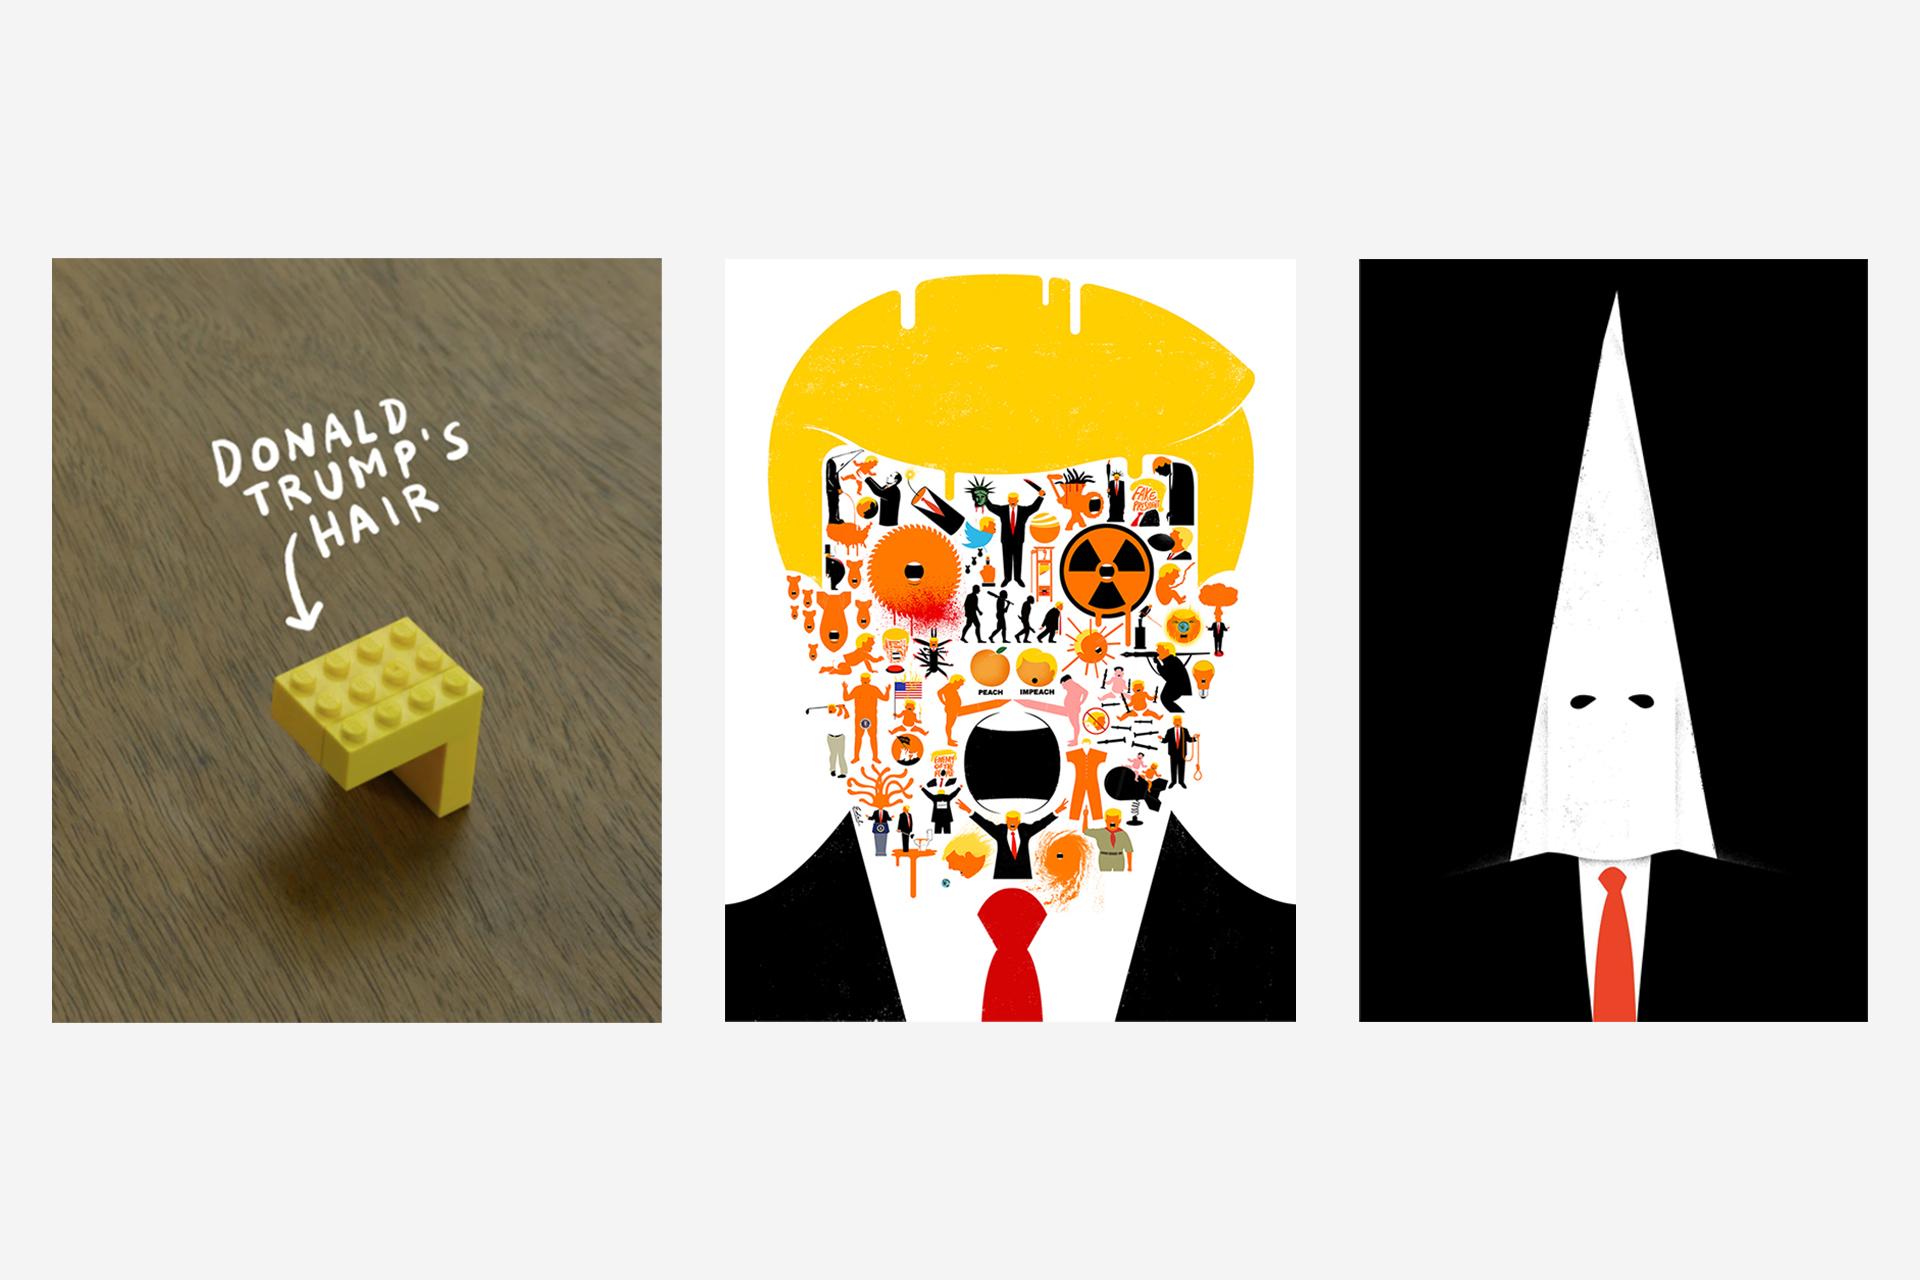 Trump Carac